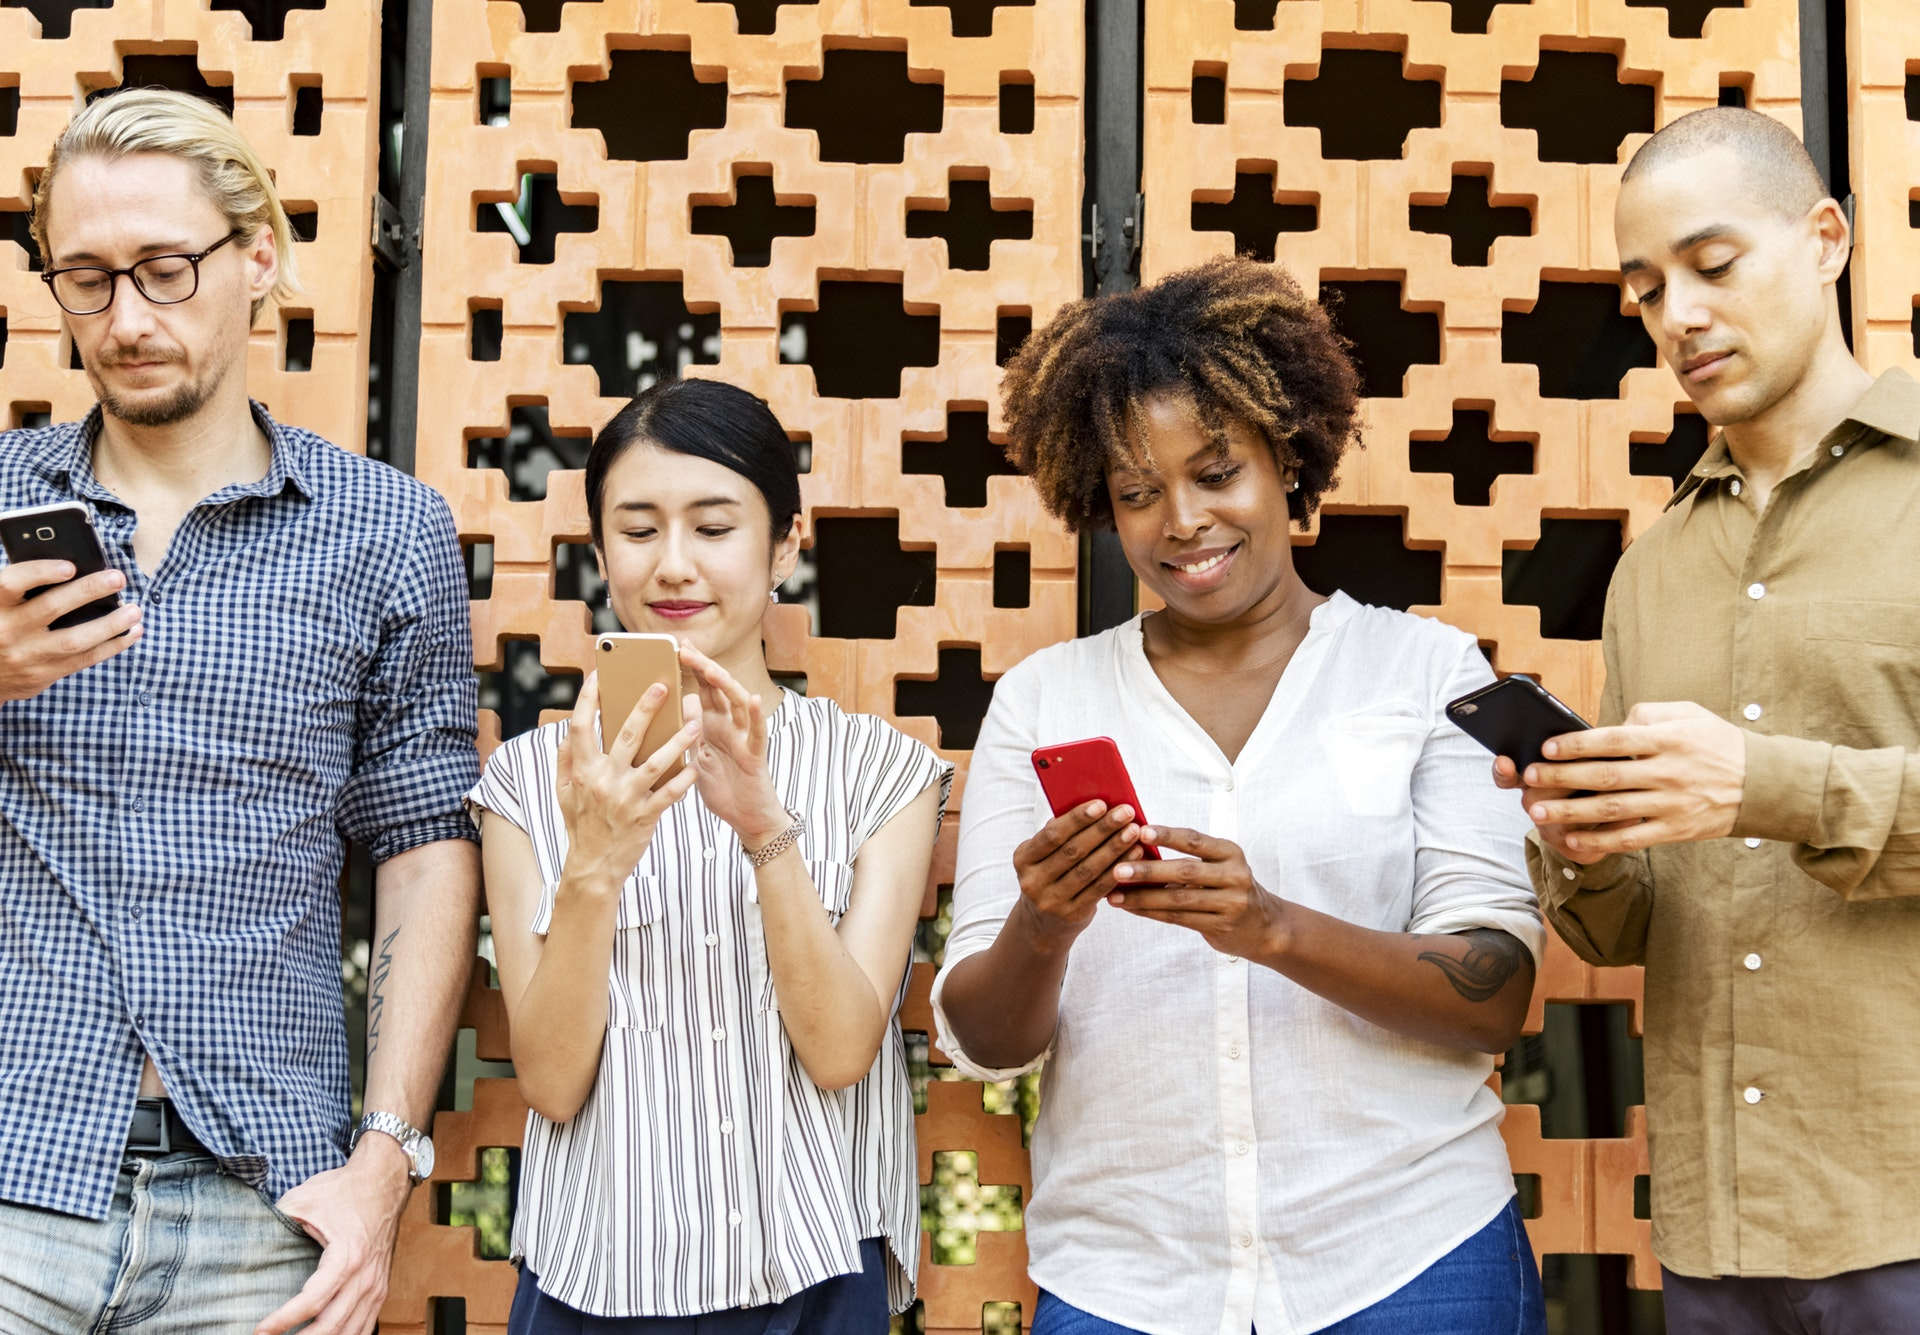 Menschen vor Wand mit Smartphones in der Hand